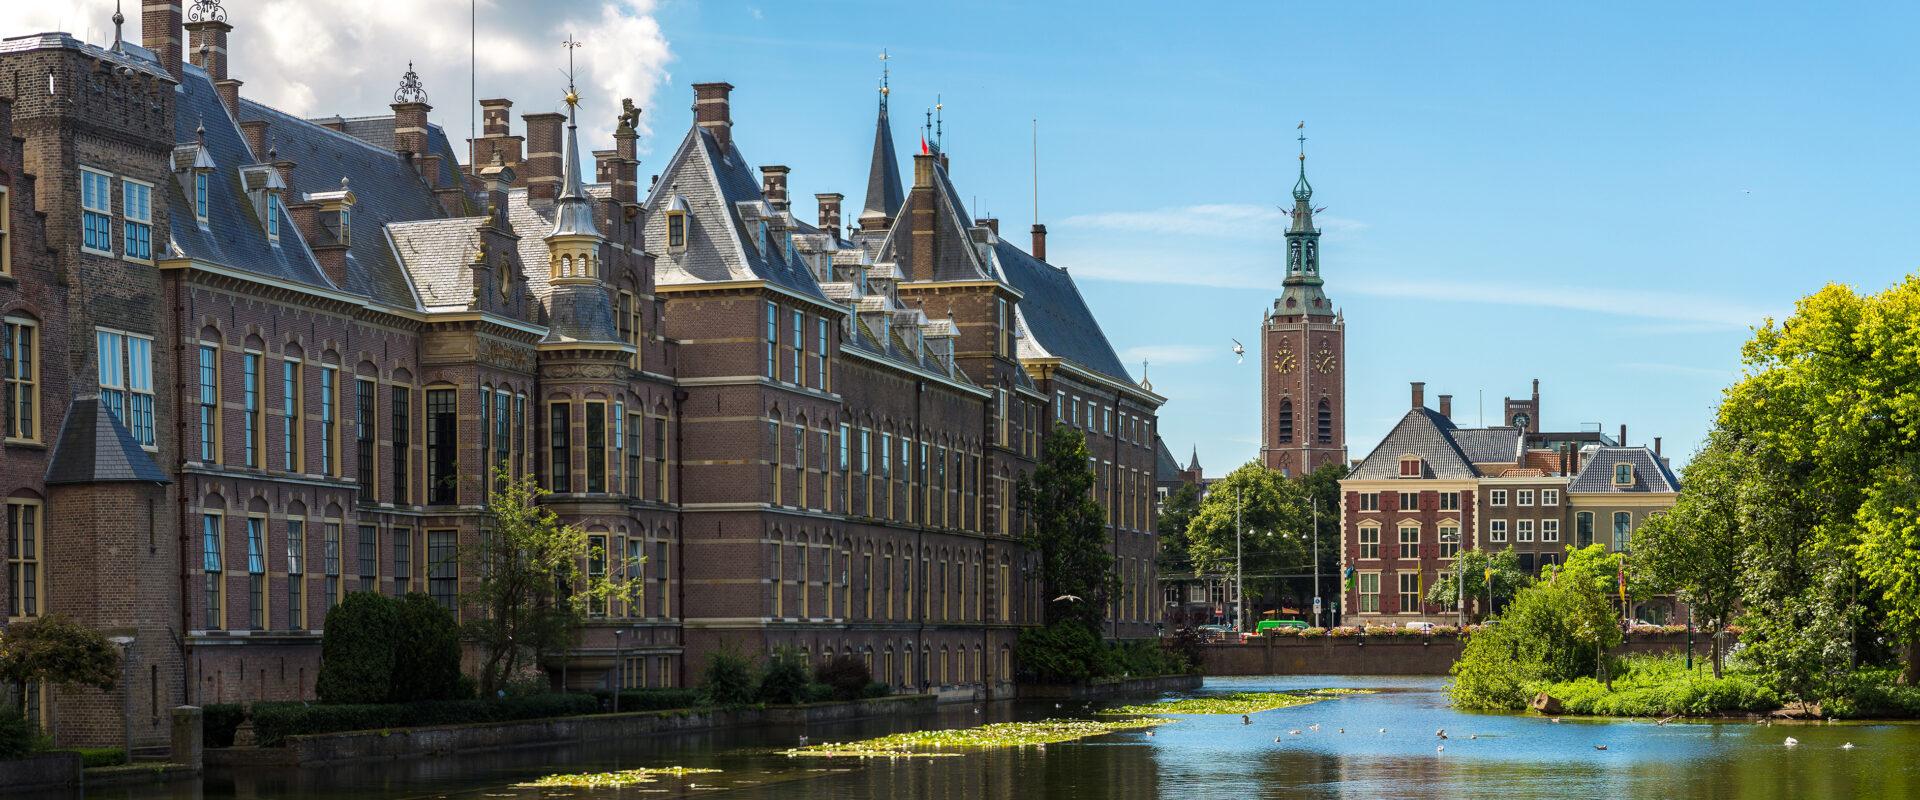 Wet & Regelgeving Den Haag